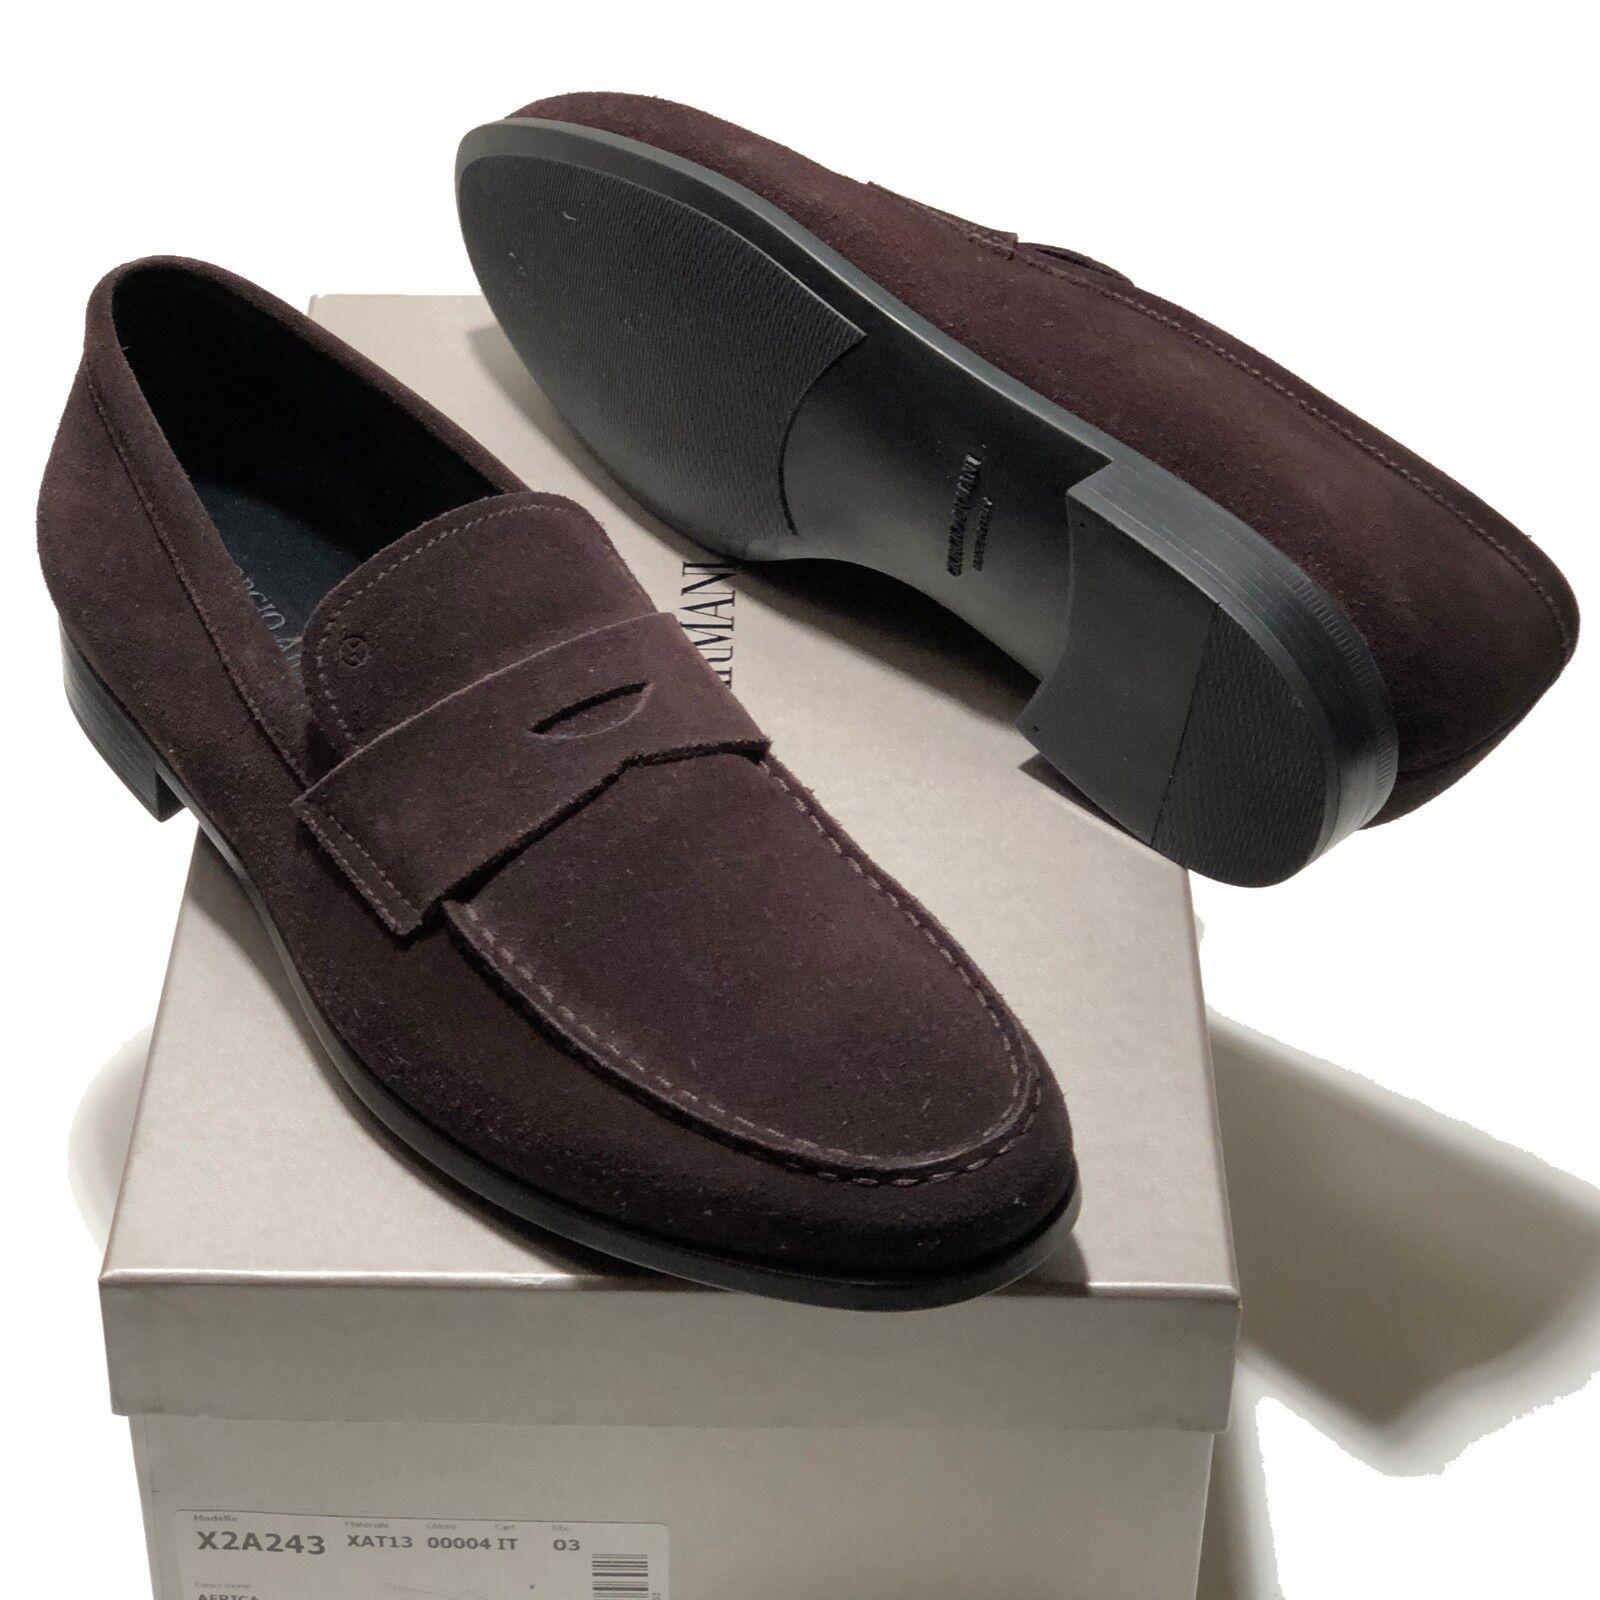 risparmia il 60% di sconto NEW Giorgio Armani Uomo Marrone Penny Suede Leather Fashion Loafers Loafers Loafers scarpe Casual  il miglior servizio post-vendita